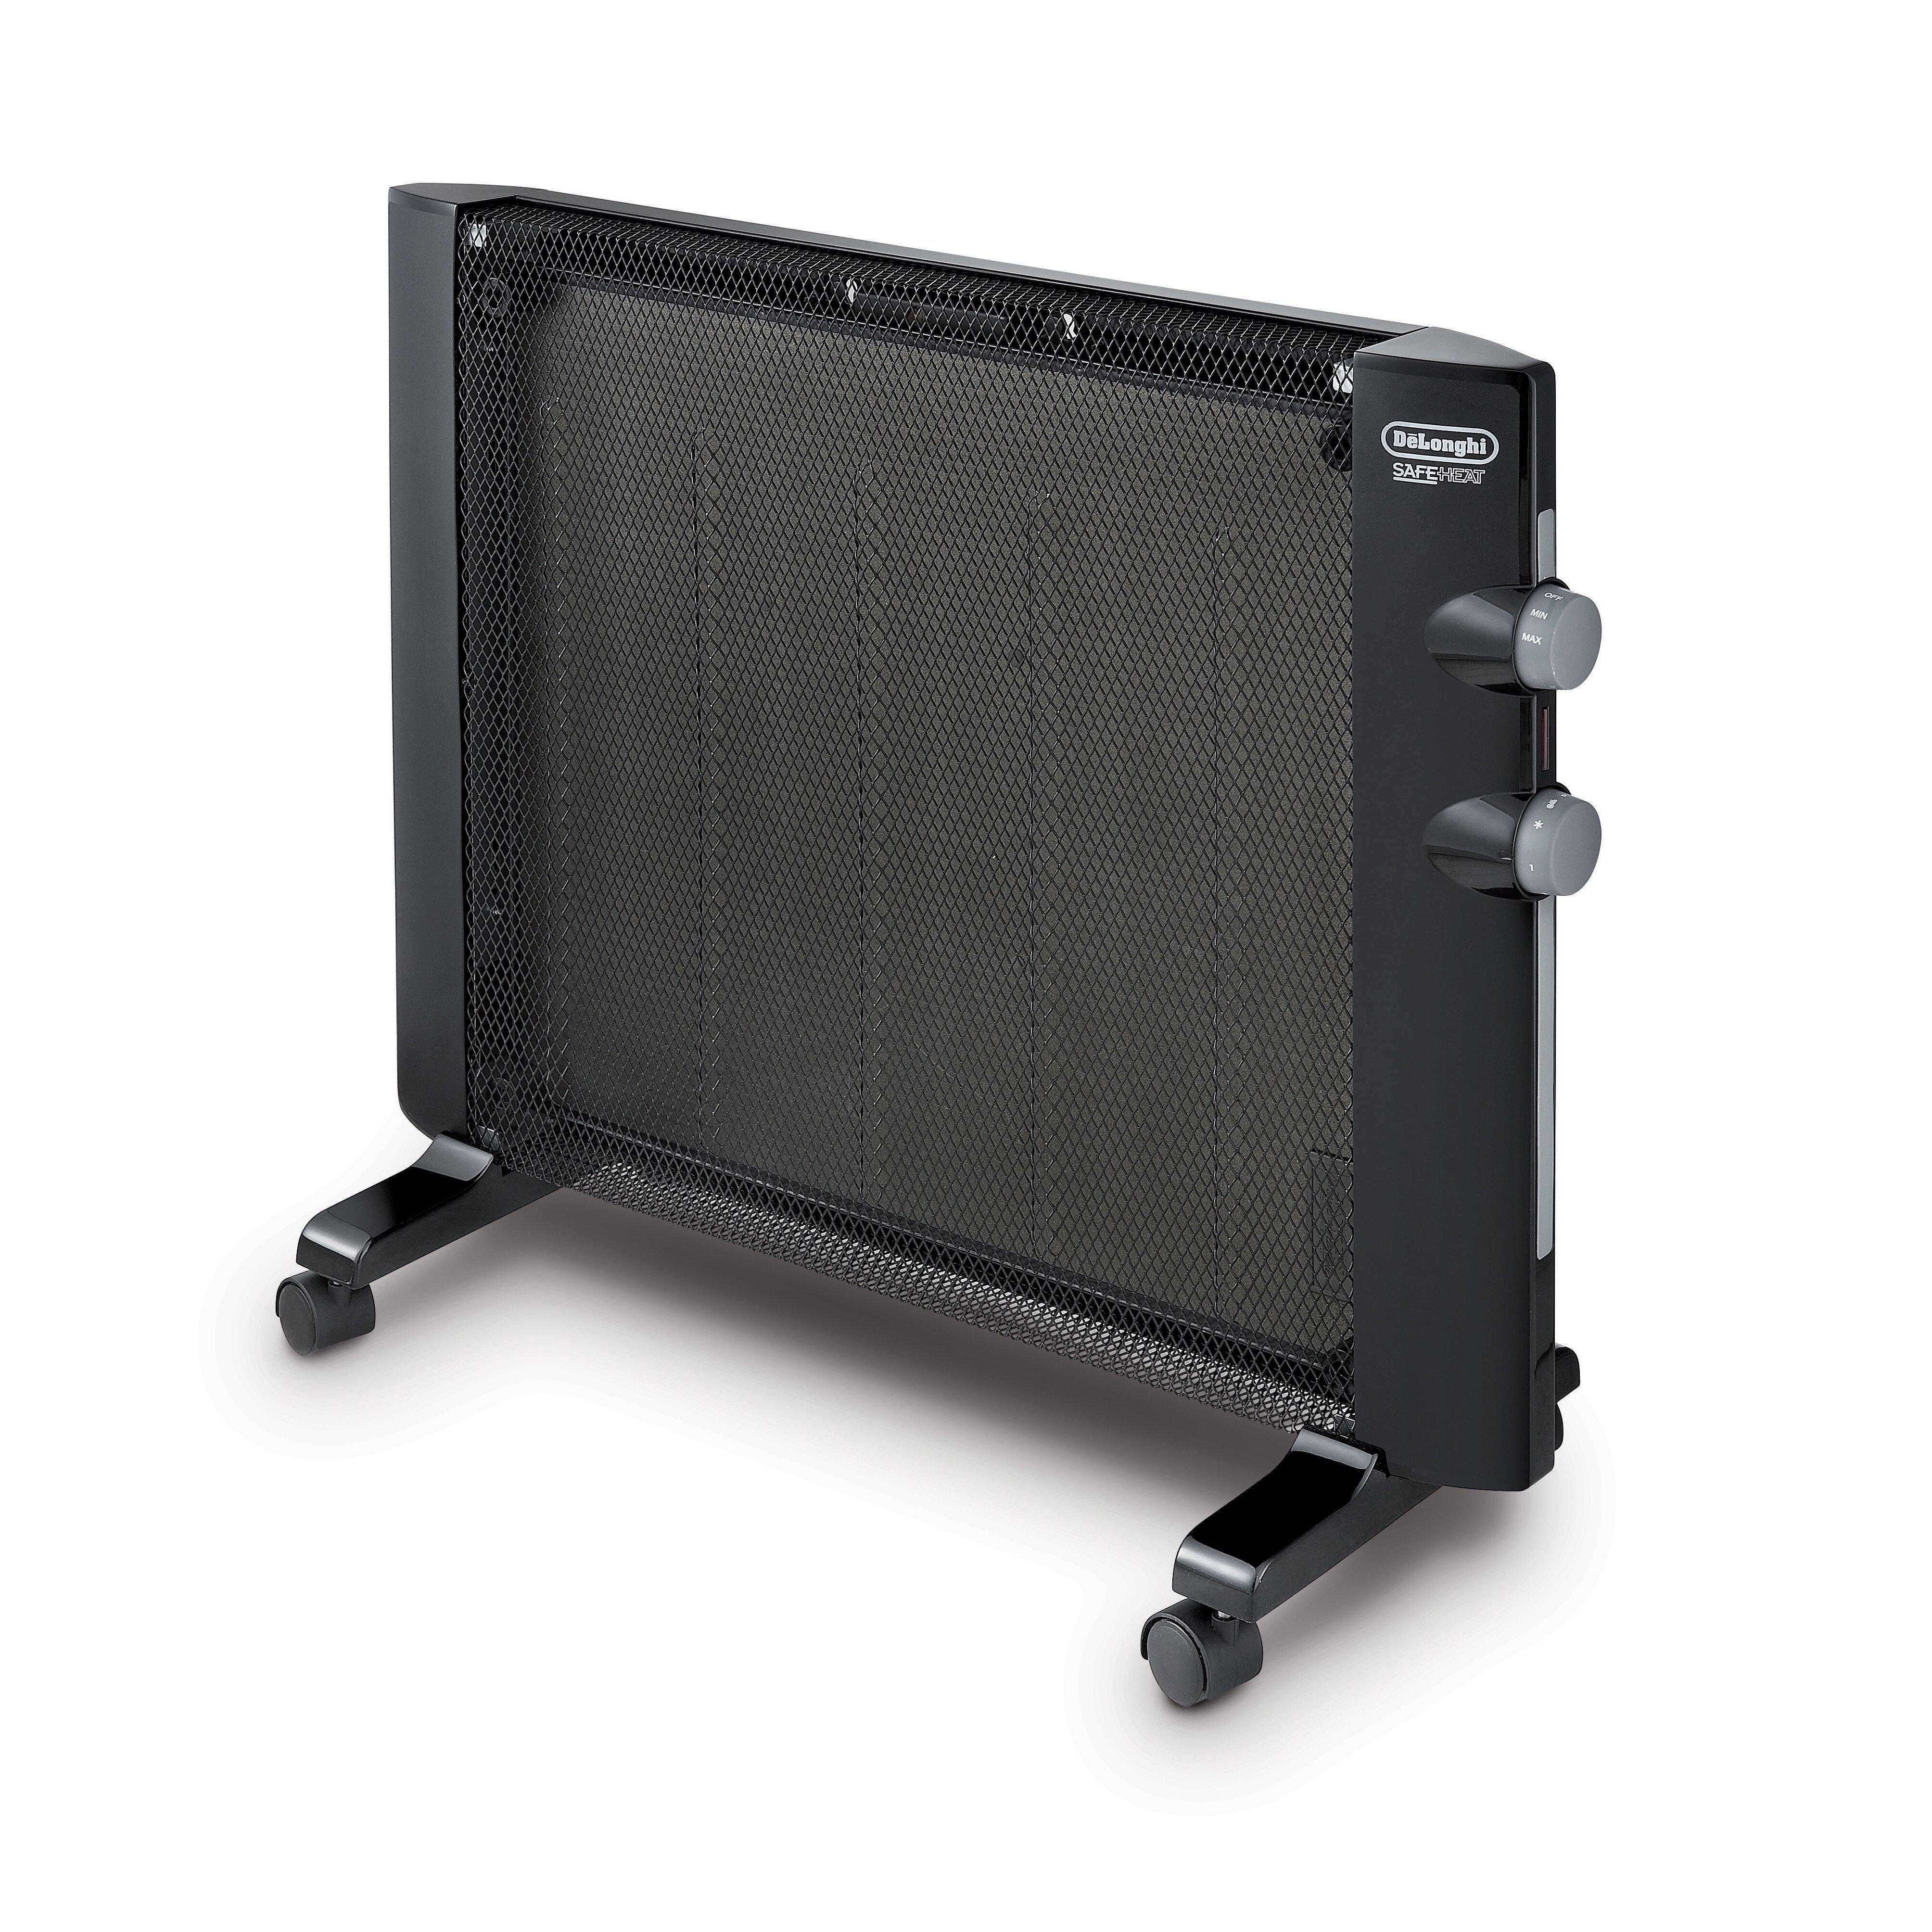 Delonghi Mica 1 500 Watt Portable Electric Radiant Panel